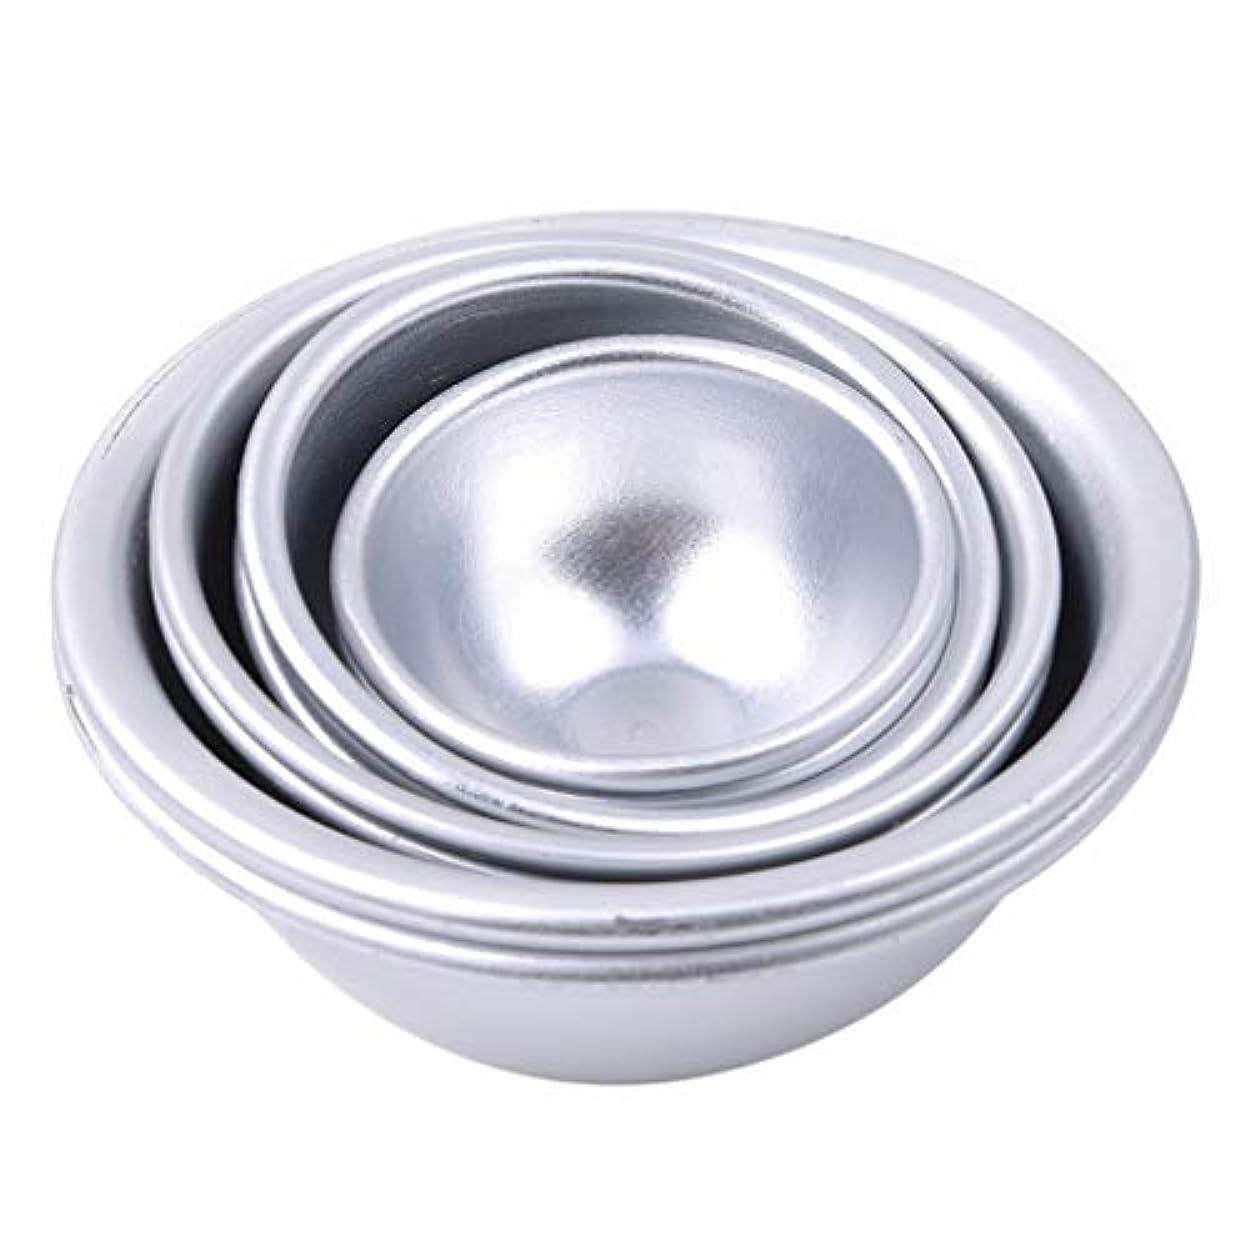 グラス水分特徴づけるToporchid Diy風呂ボール型アルミ合金入浴ボール手作り石鹸ケーキパンベーキングモールドペストリー作りツール(style2)